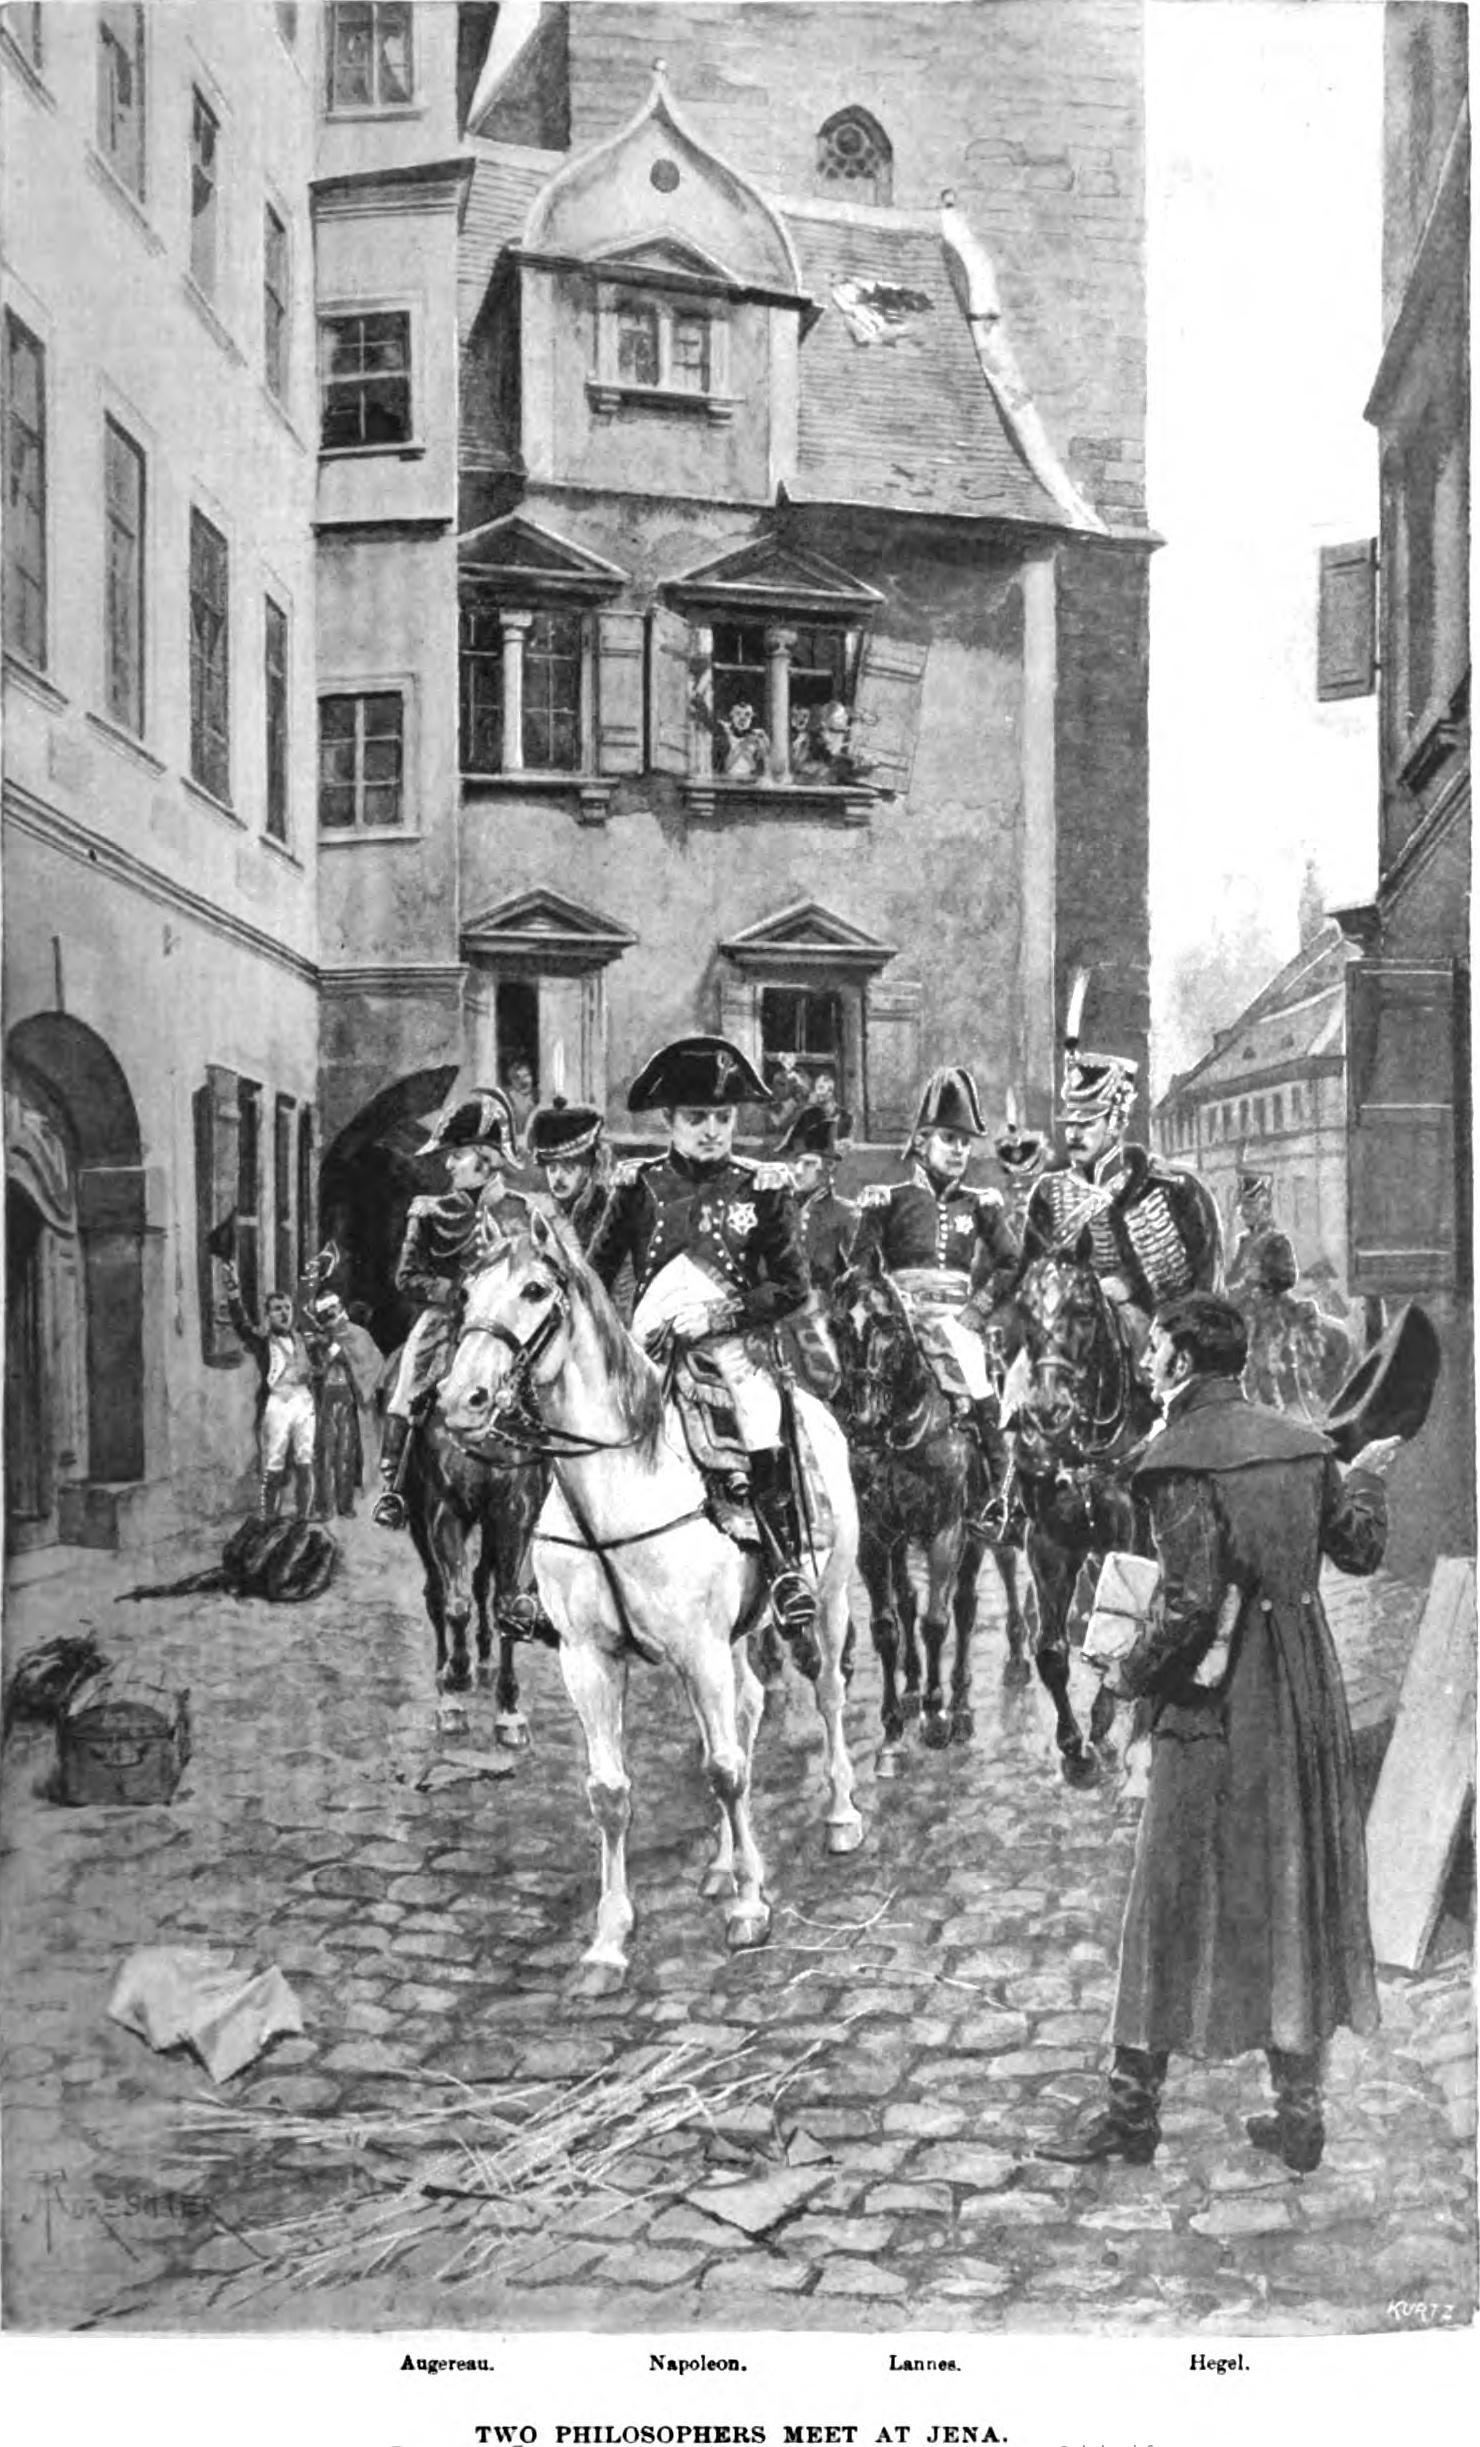 Гегель наблюдает за проездом Наполеона по Иене. Впоследствии Гегель называл Наполеона